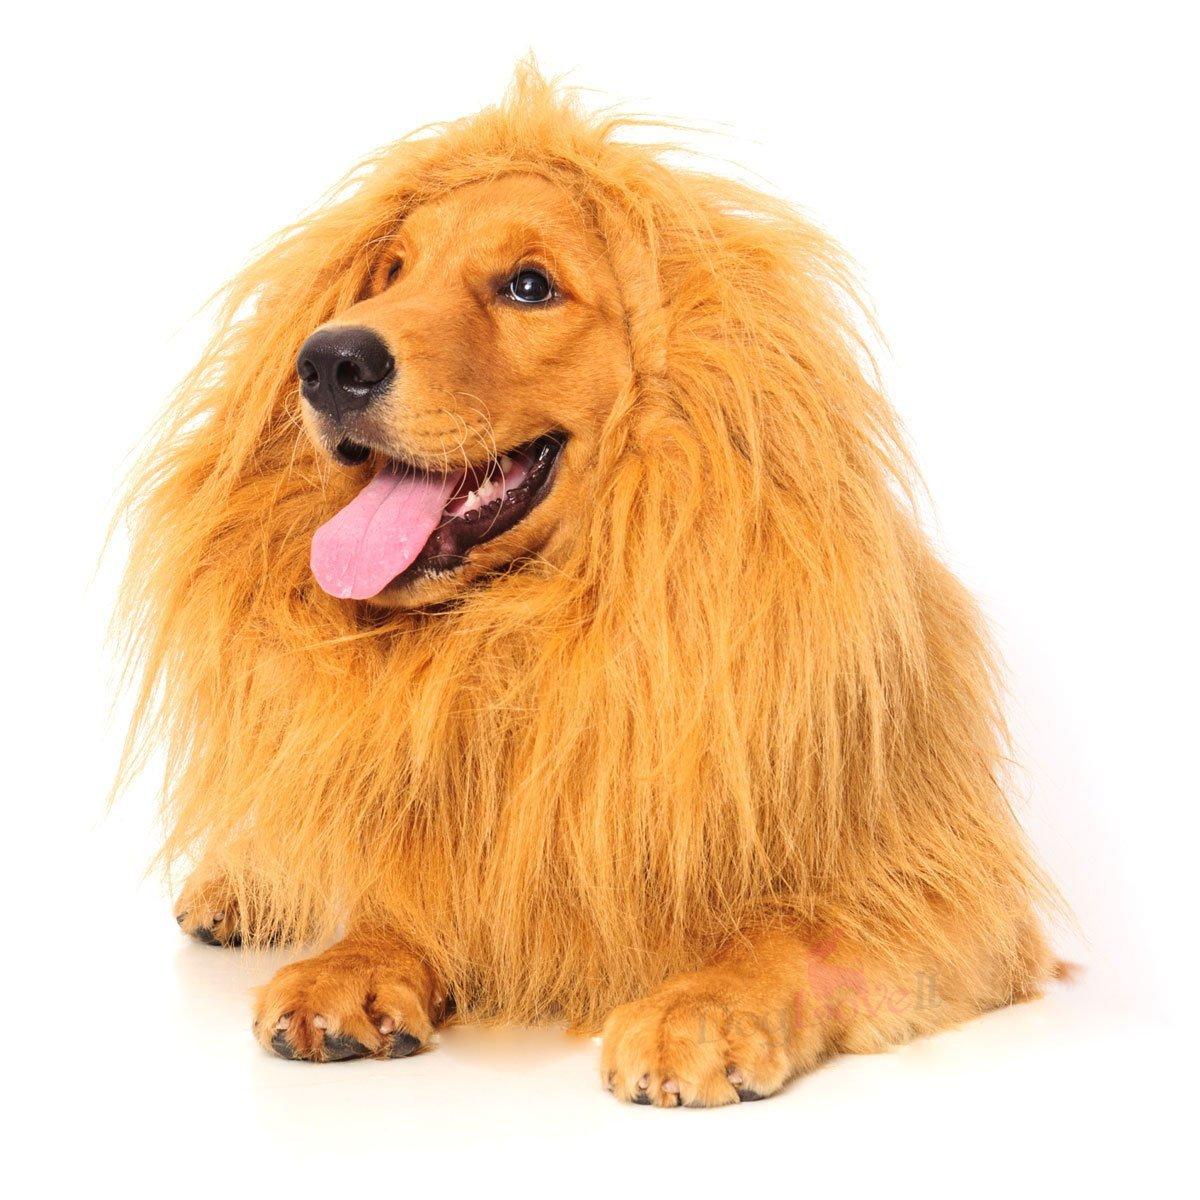 ハロウィン 犬 コスチューム コスプレ 仮装 服 動物 ペット ライオンのたてがみ 年賀状 戌年